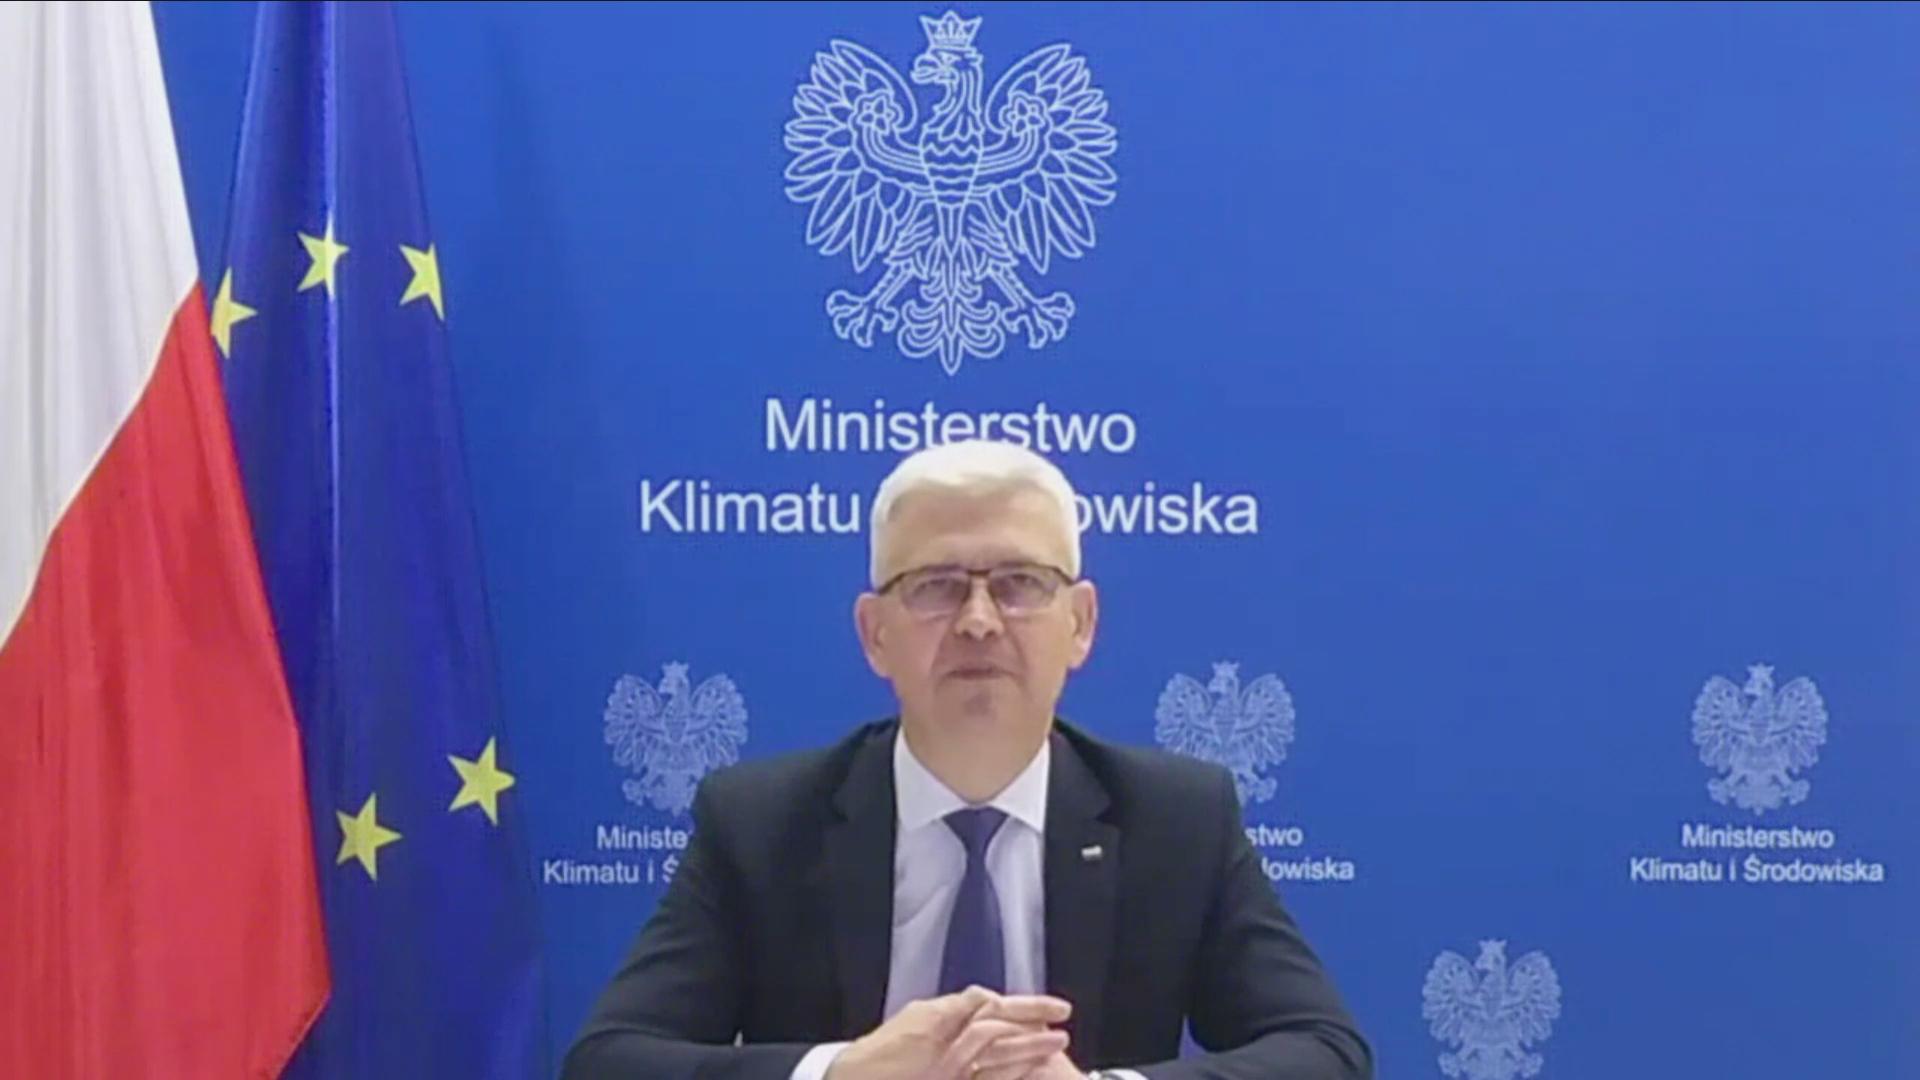 Ireneusz Zyska, pełnomocnik rządu ds. OZE, wiceminister klimatu i środowiska ( Fot. mat. pras. archiwum)